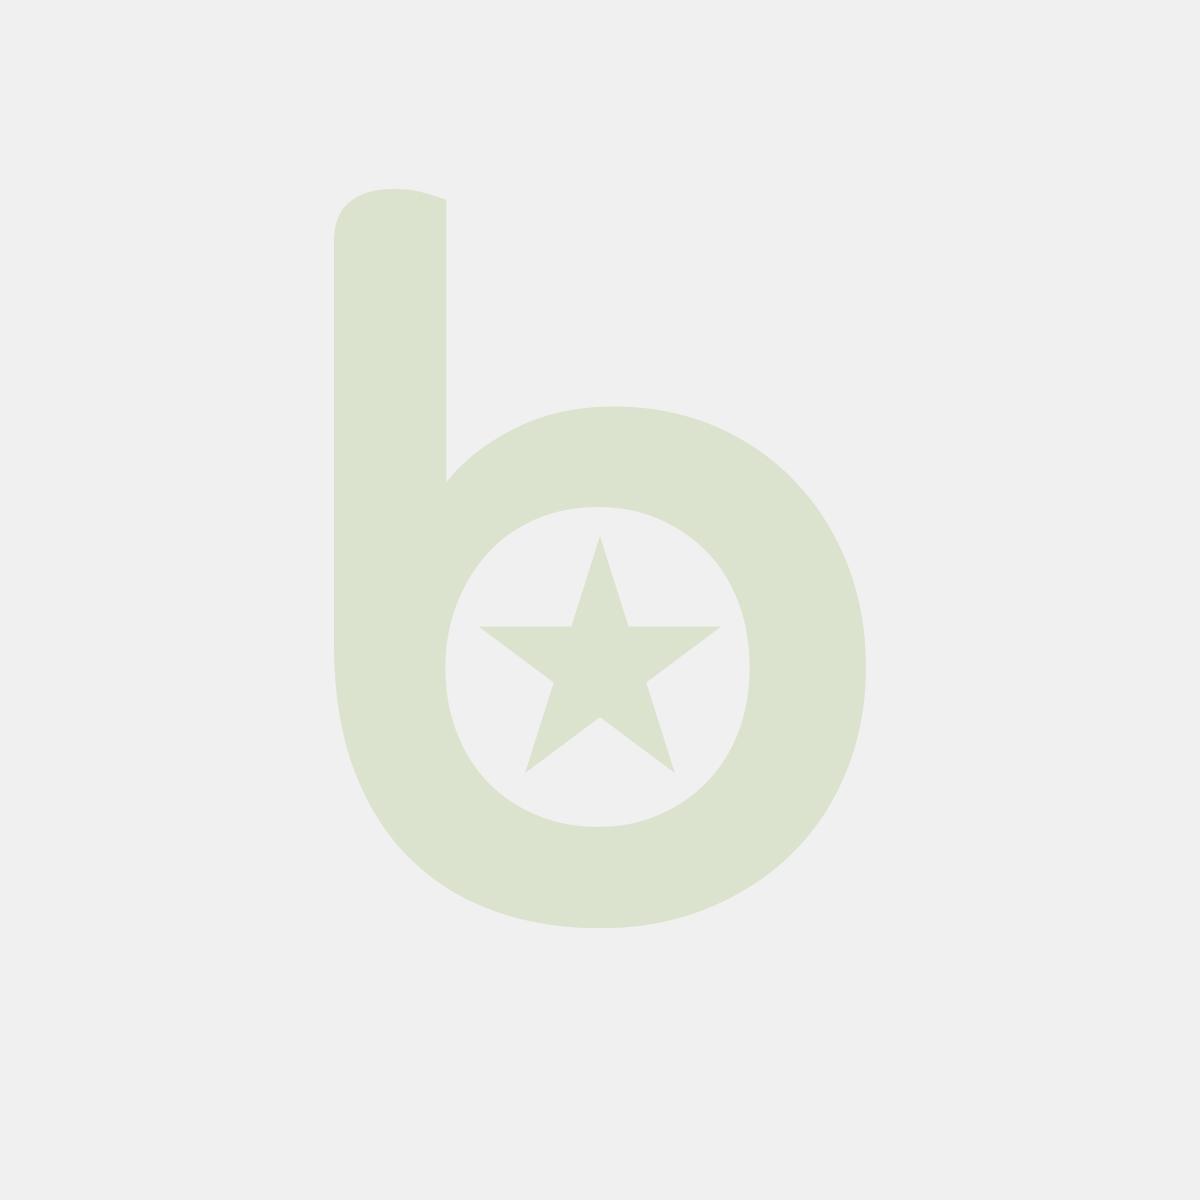 Pojemnik 3-kanapkowy OPS trójkątny, cena za 143szt